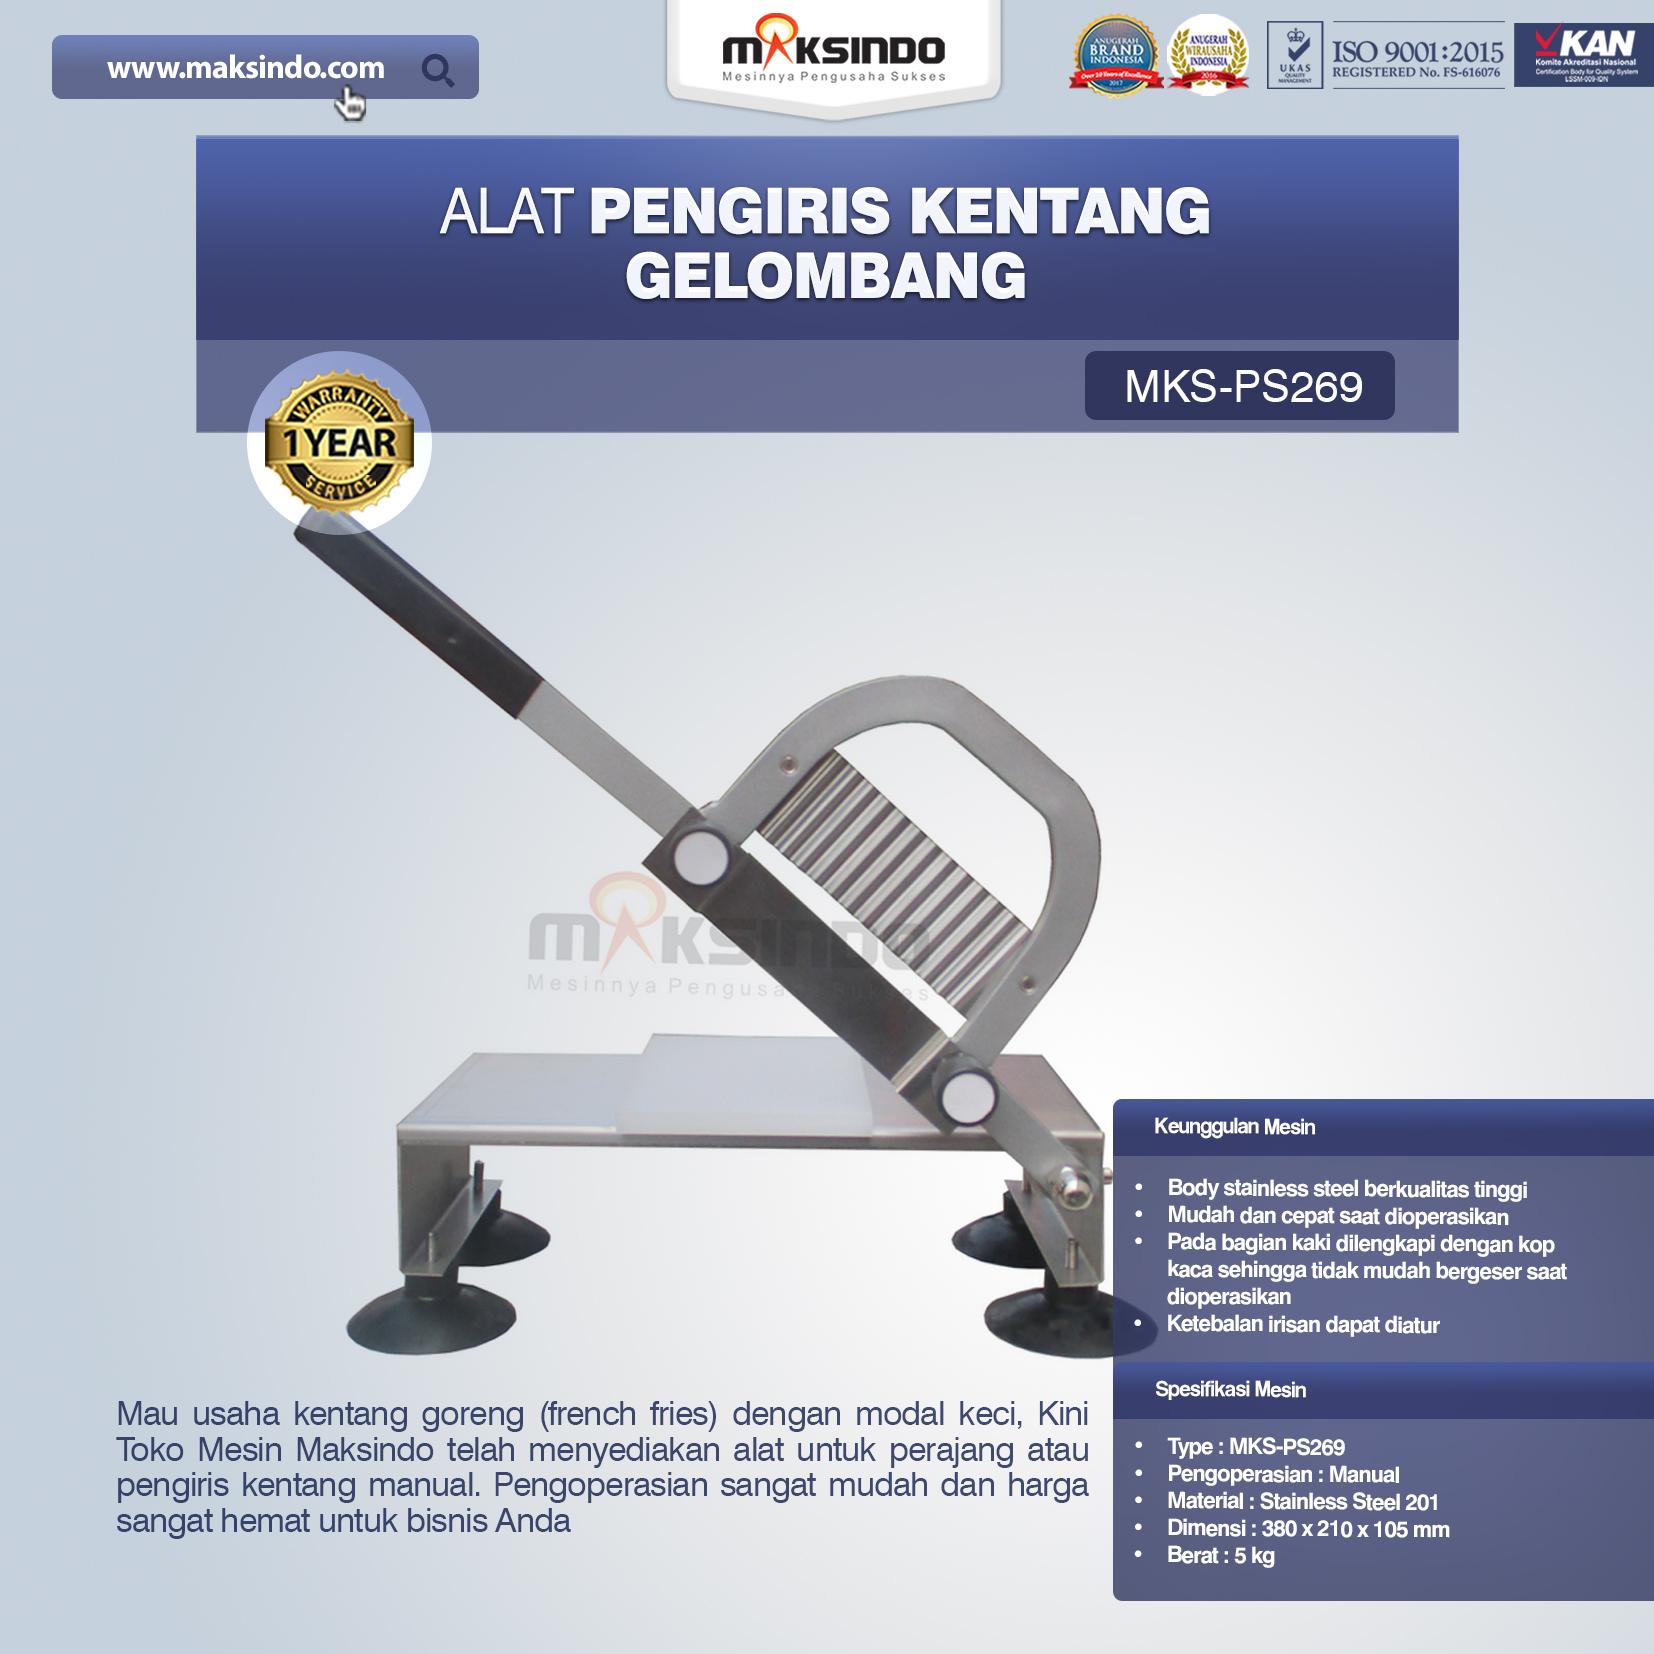 Jual Alat Pengiris Kentang Gelombang MKS-PS269 di Medan